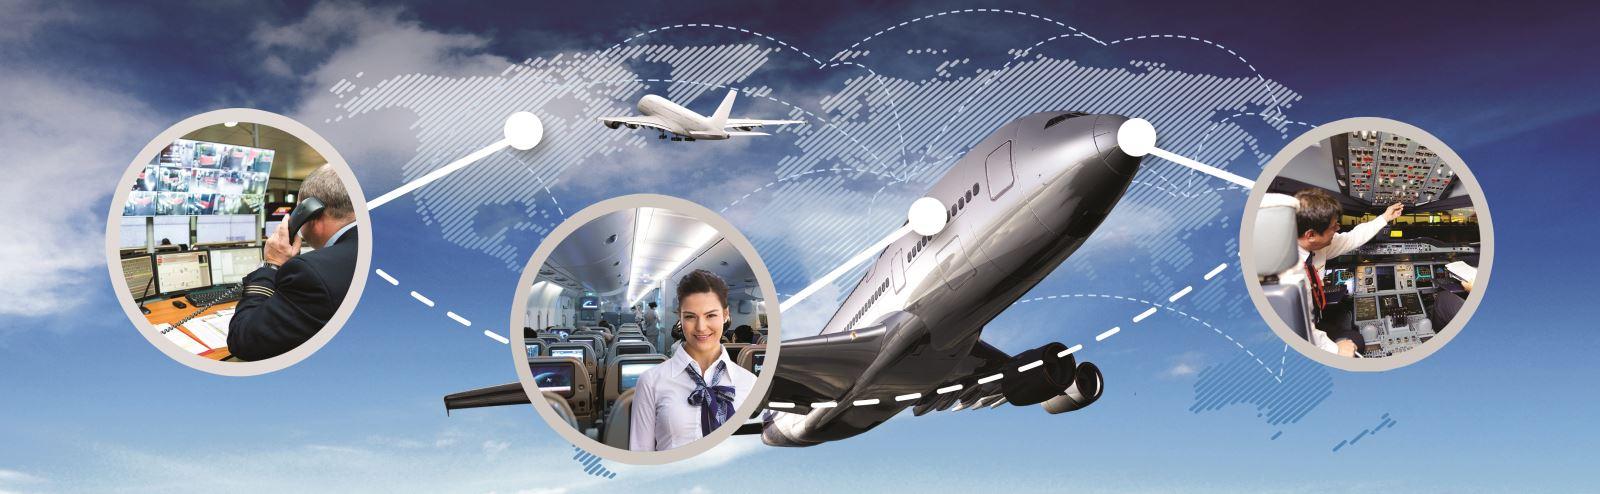 STM AeroSuite